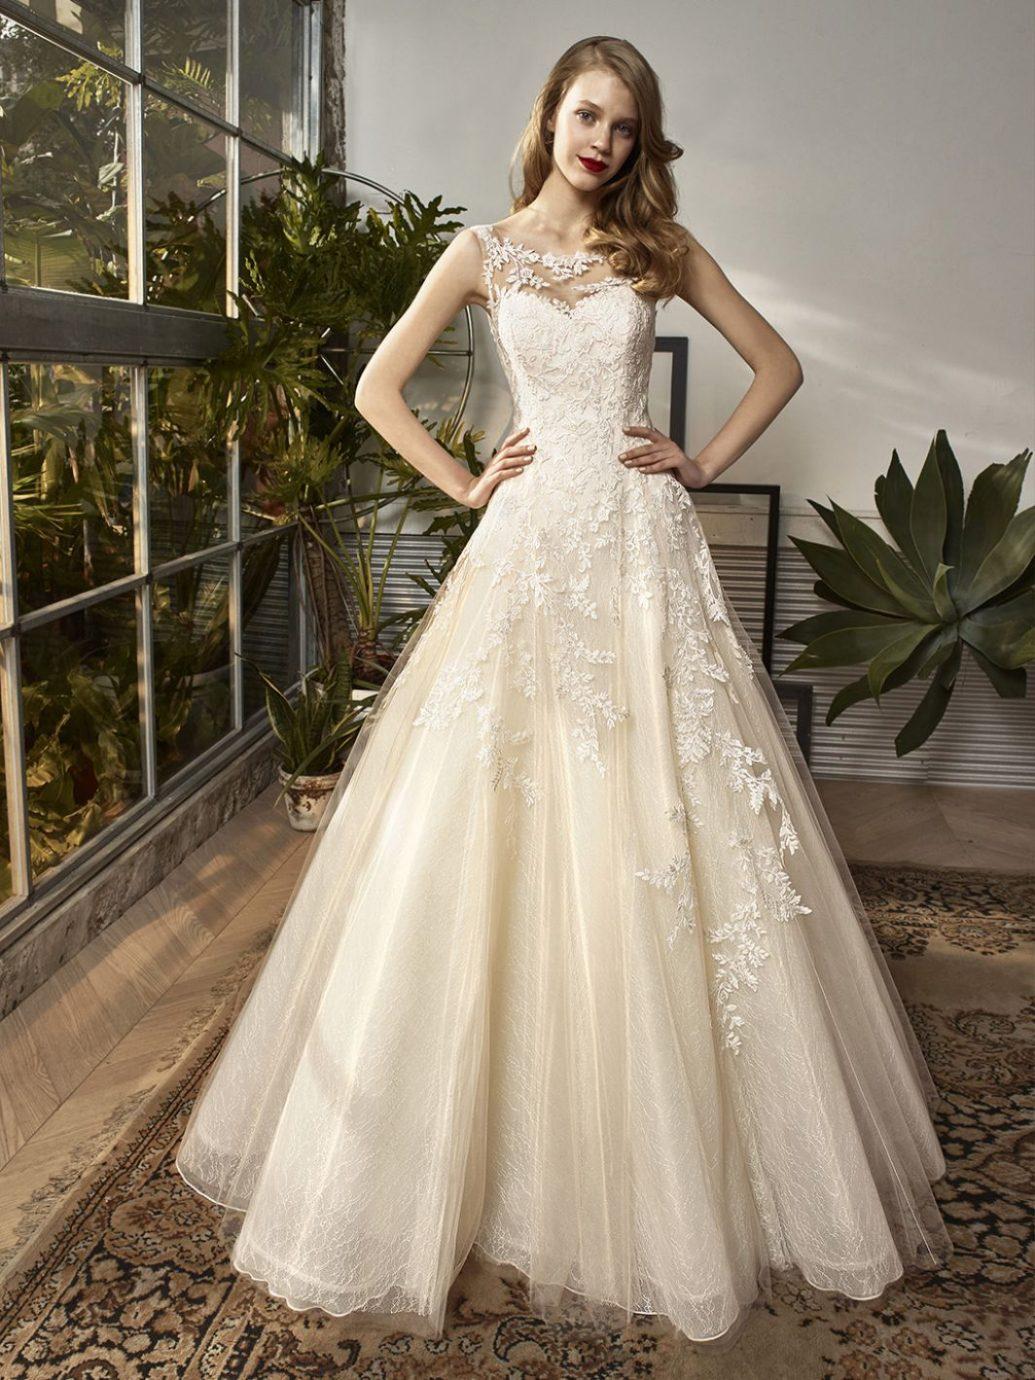 Beautiful BT18-12 esküvői ruha a visszafogottabb menyasszonyok kedvence volt idén.